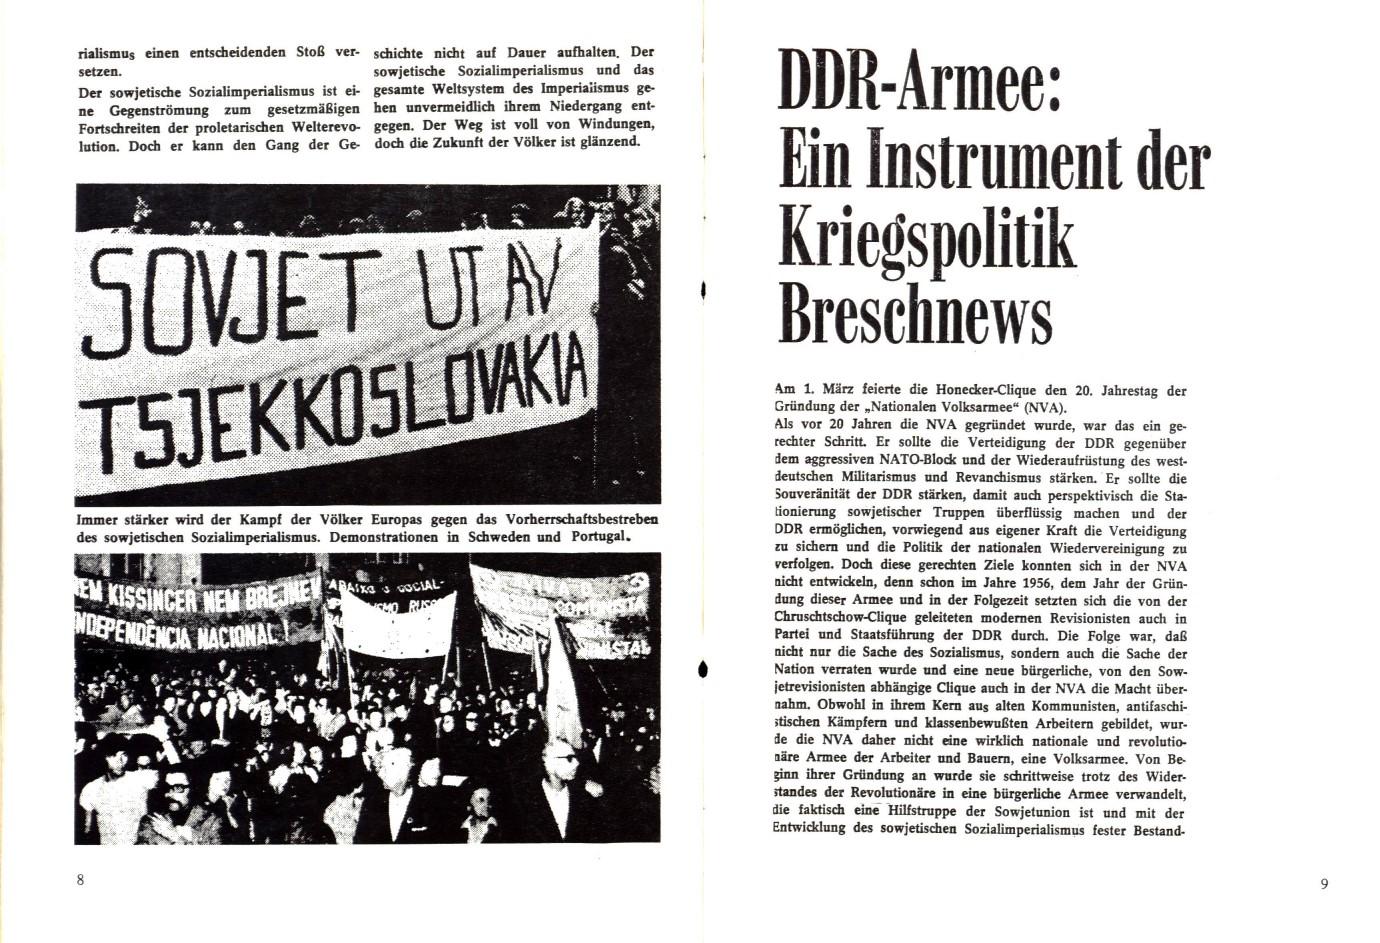 KPDAO_1976_Artikel_DKP_Breschnew_06